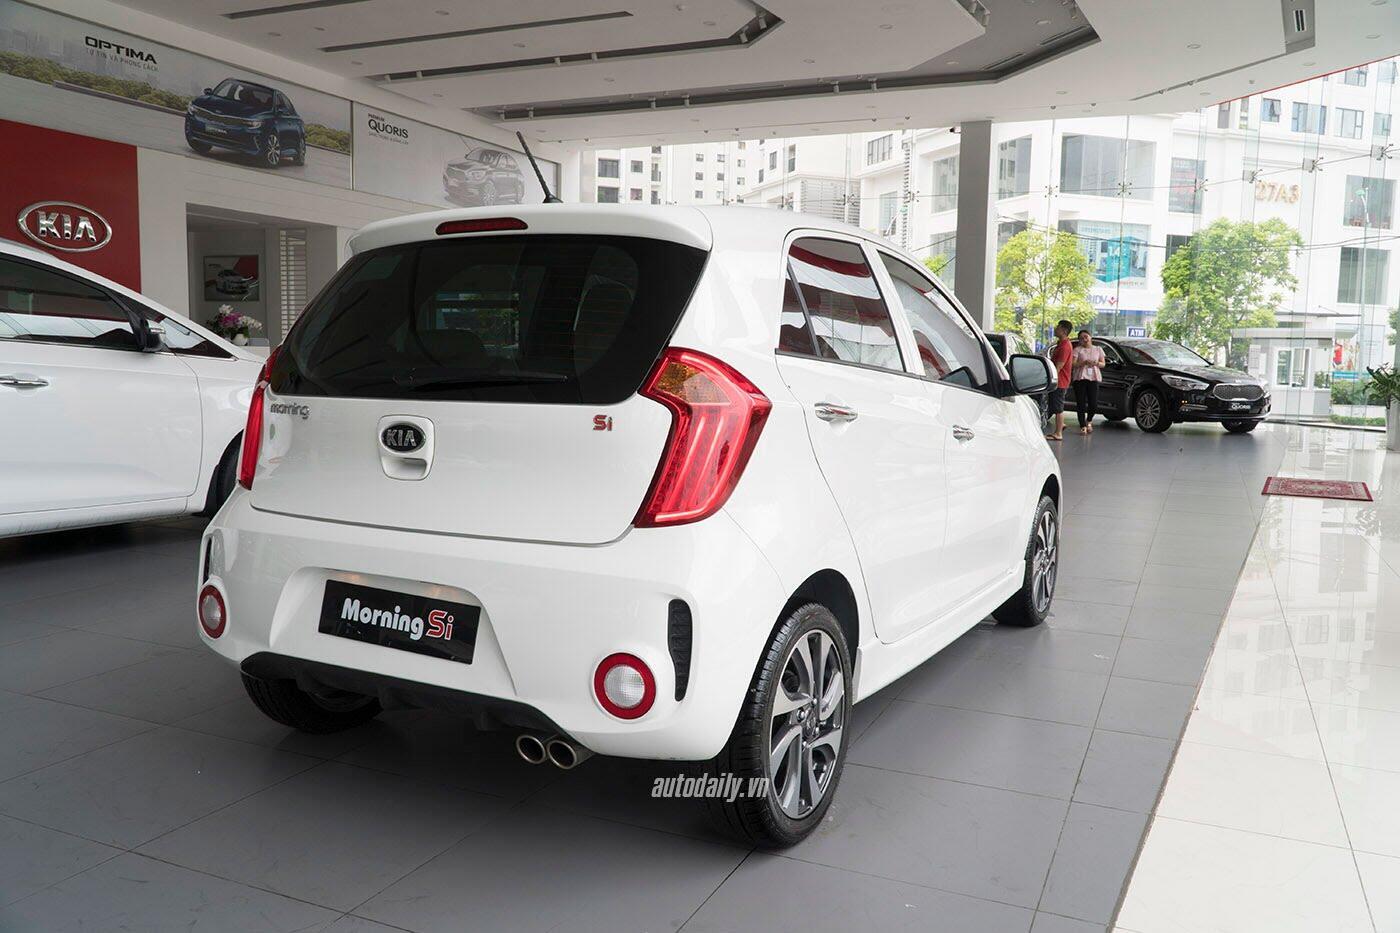 Có 400 triệu đồng, mua Hyundai Grand i10 hay Kia Morning? - Hình 15